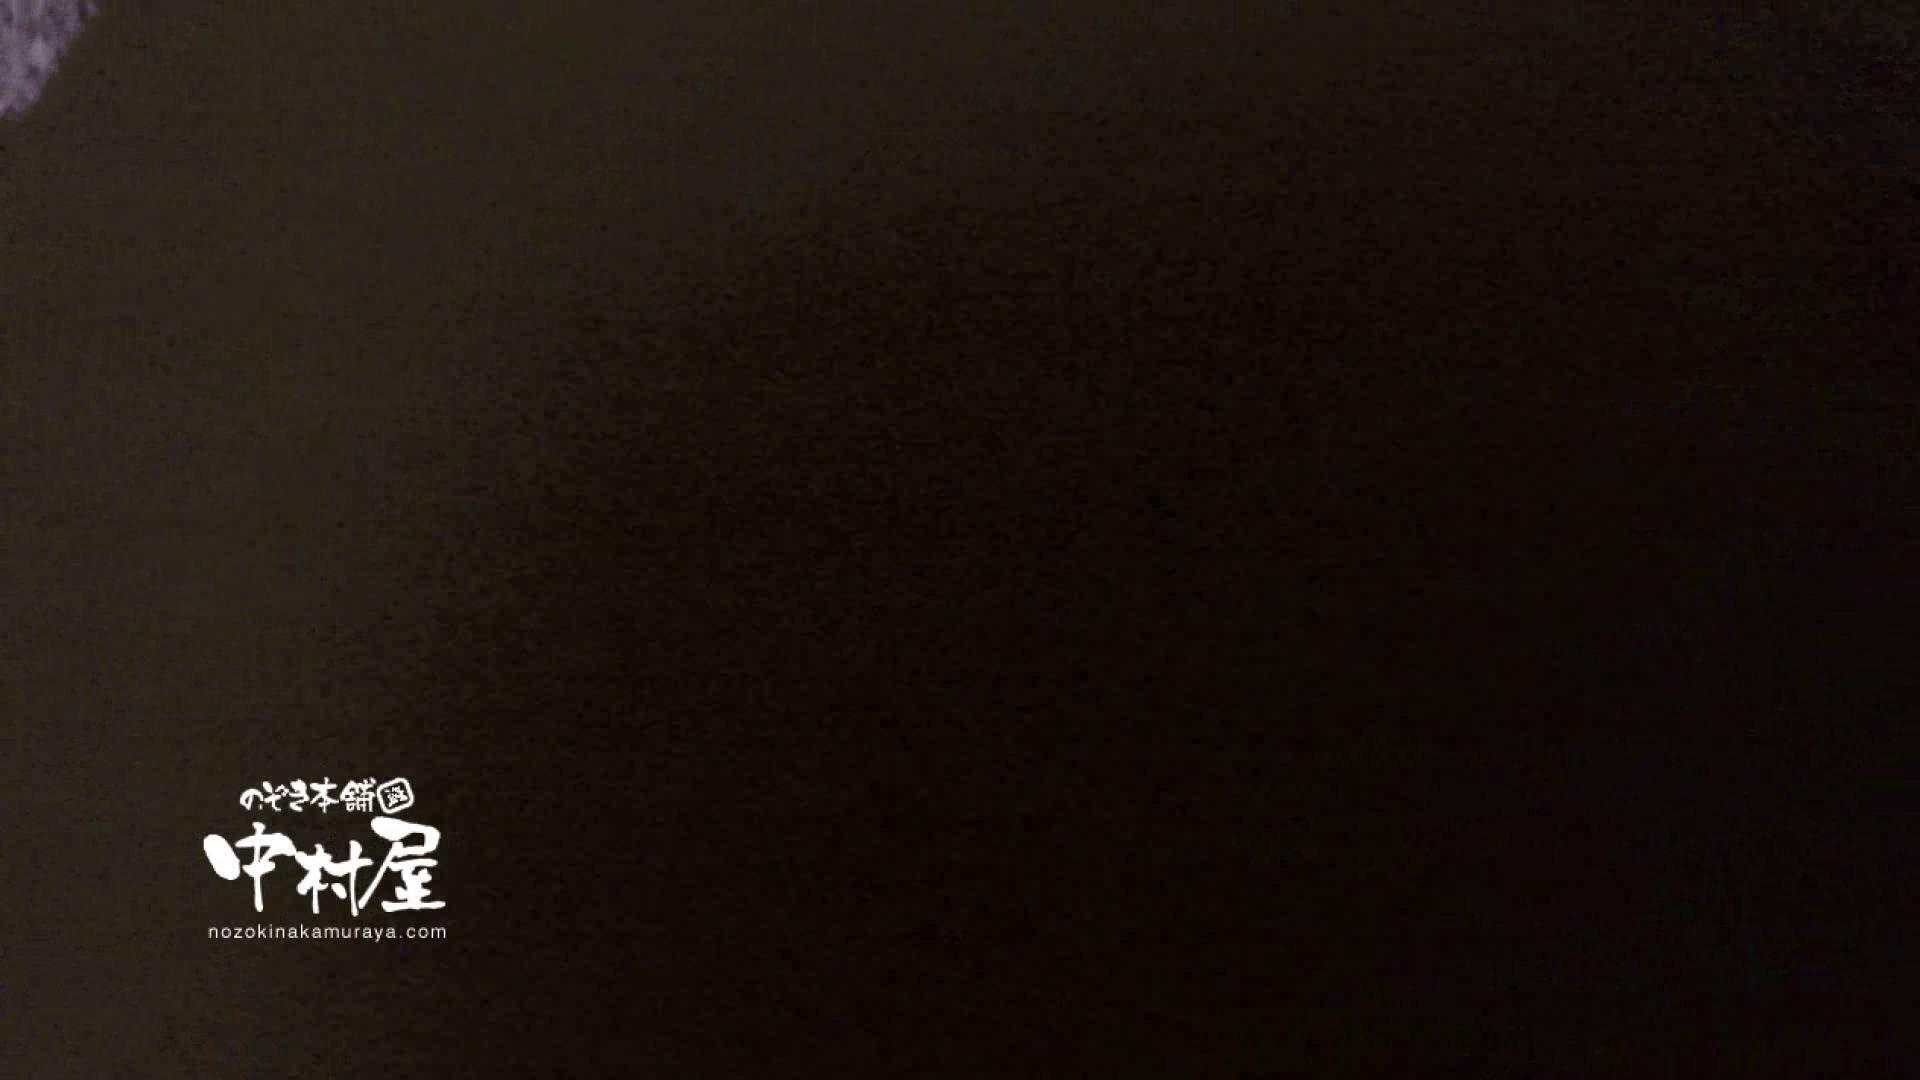 鬼畜 vol.10 あぁ無情…中出しパイパン! 前編 OL女体 盗撮動画紹介 101連発 50